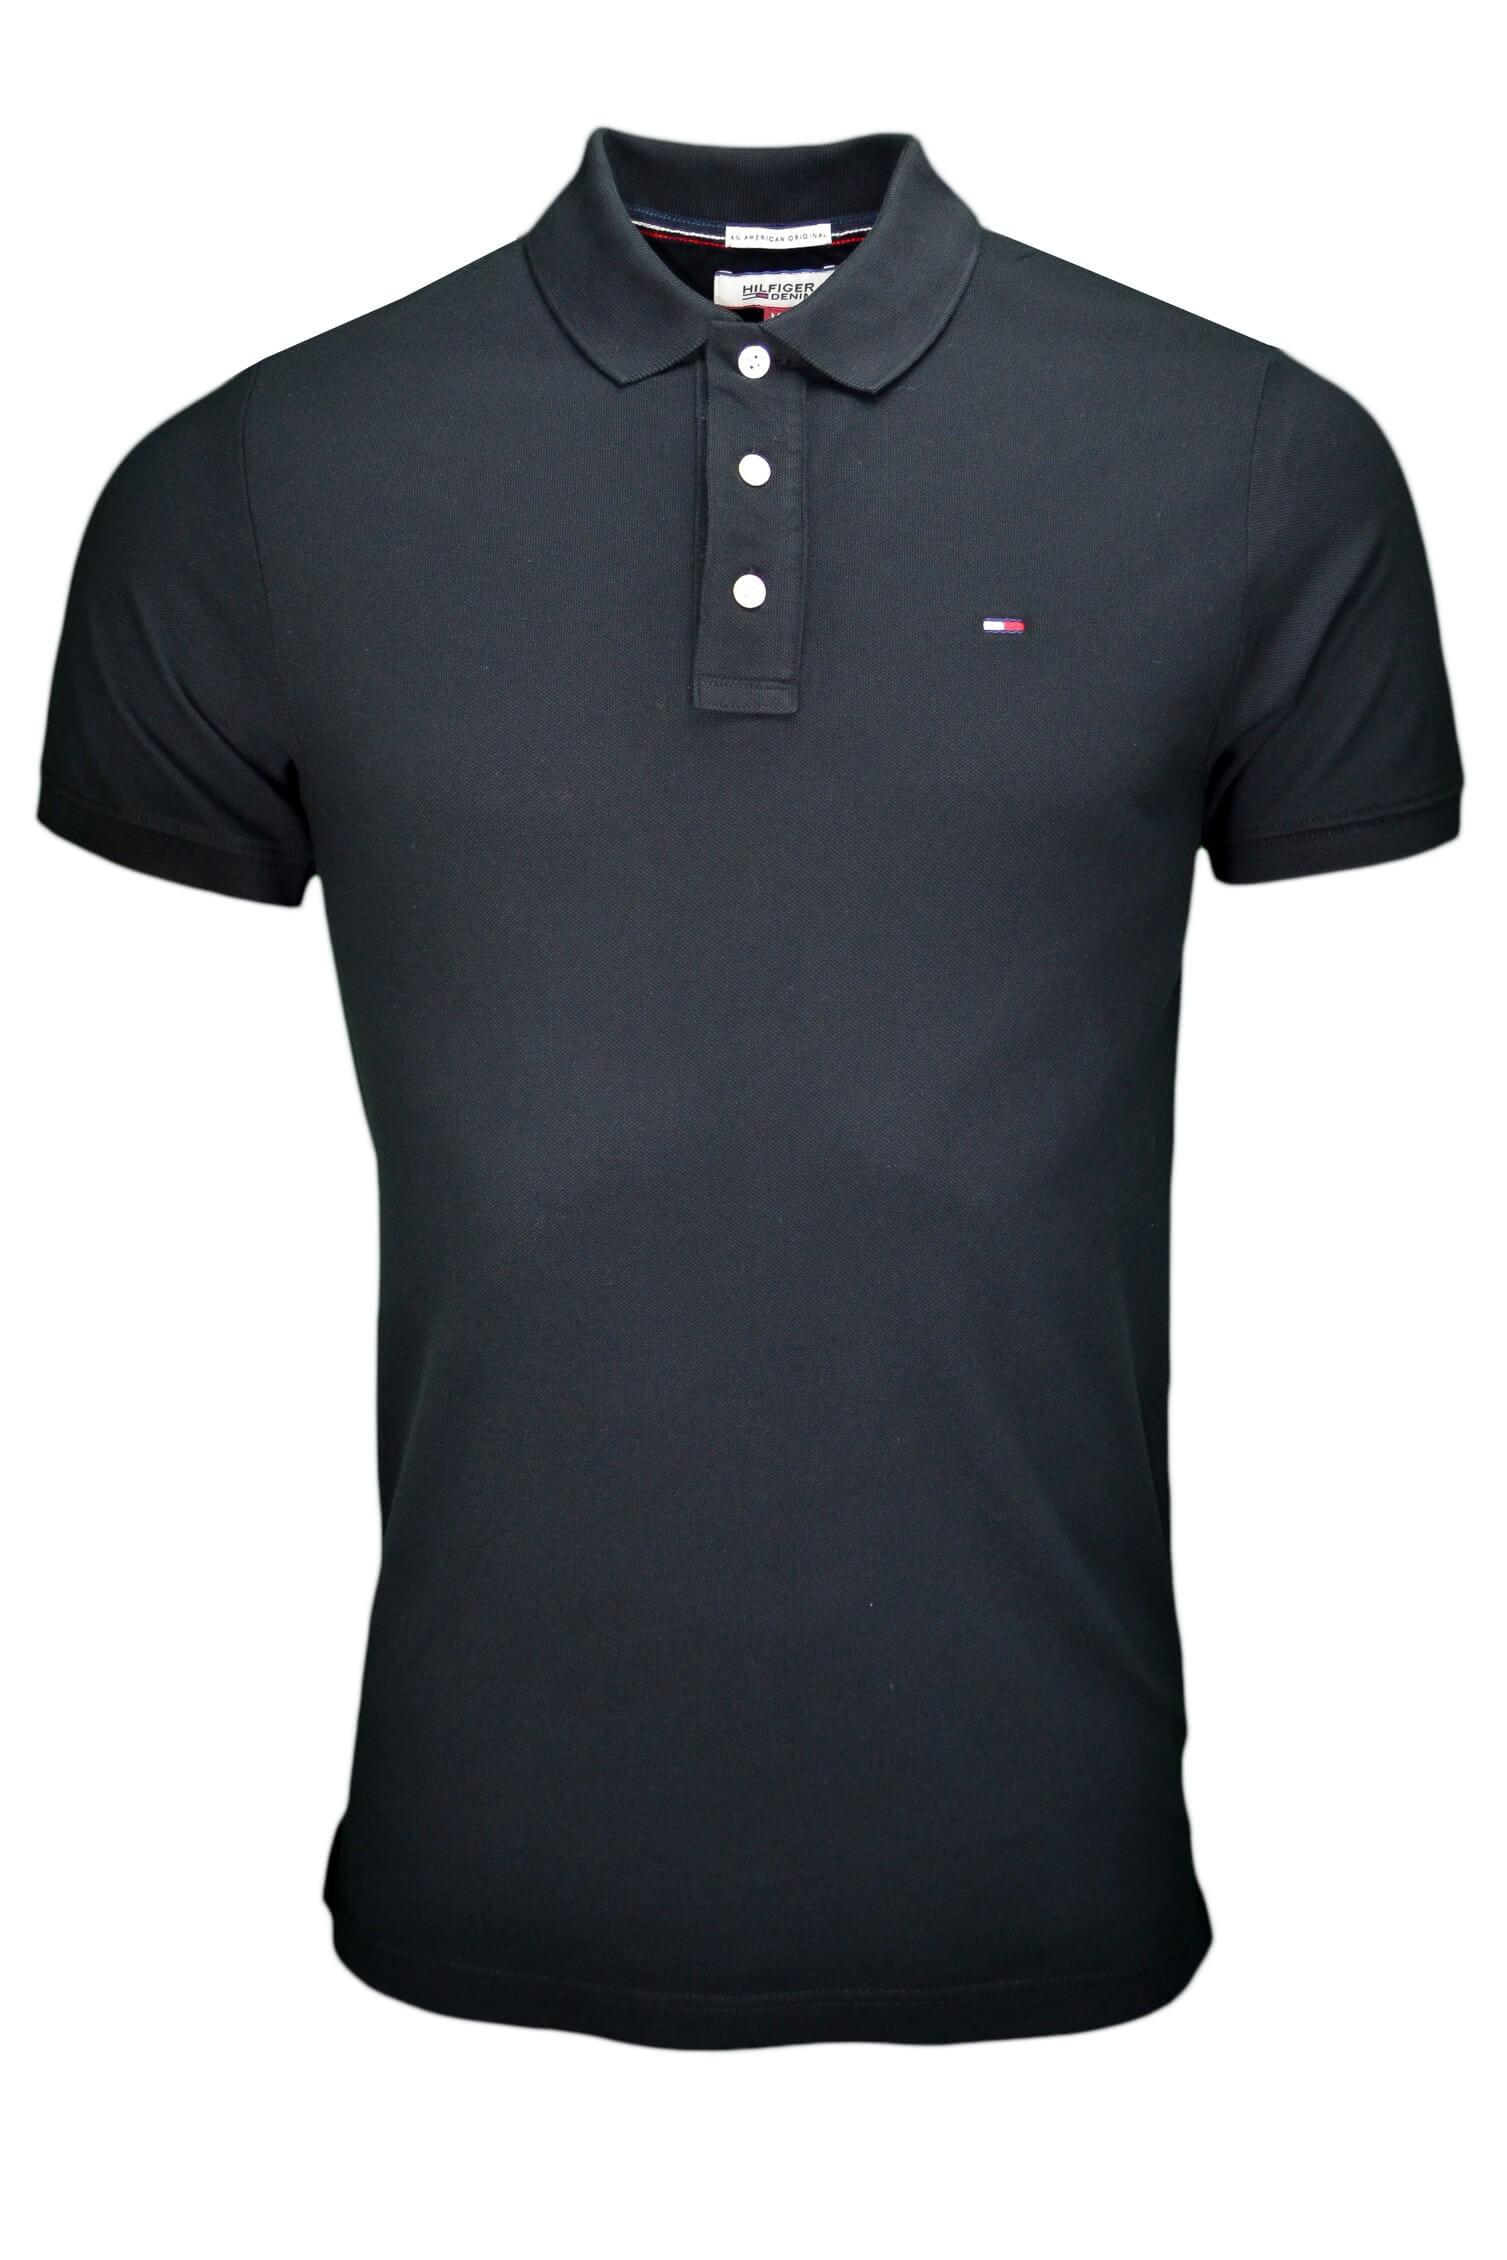 Polo Tommy Hilfiger basic Flag noir pour homme Toujours au meille